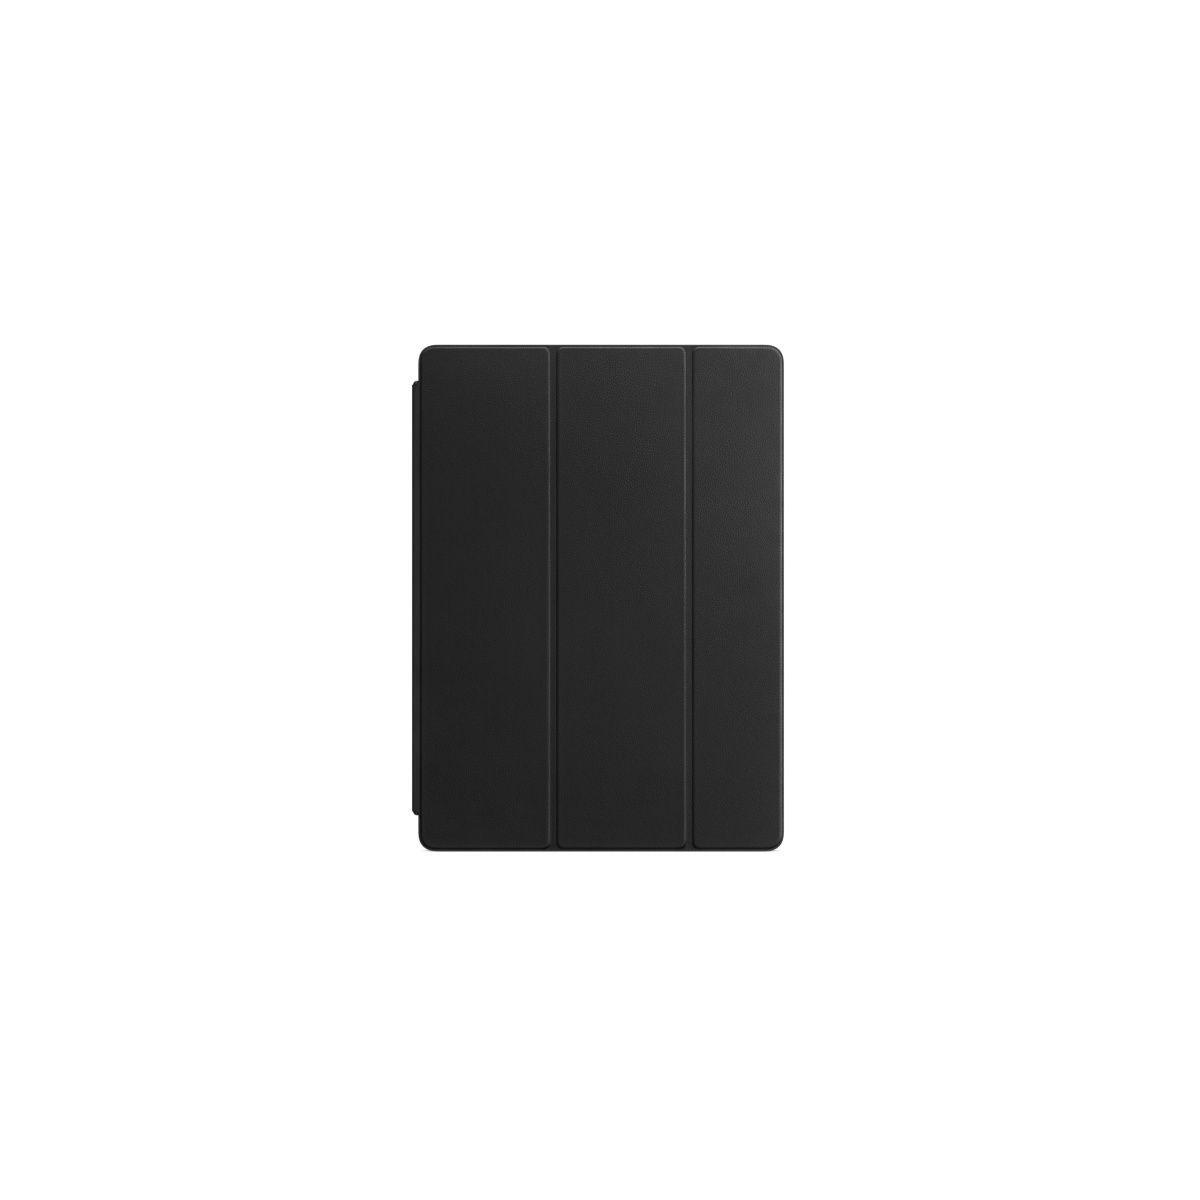 Etui tablette apple smart cover ipad pro 12.9 cuir noir - livraison offerte : code liv (photo)